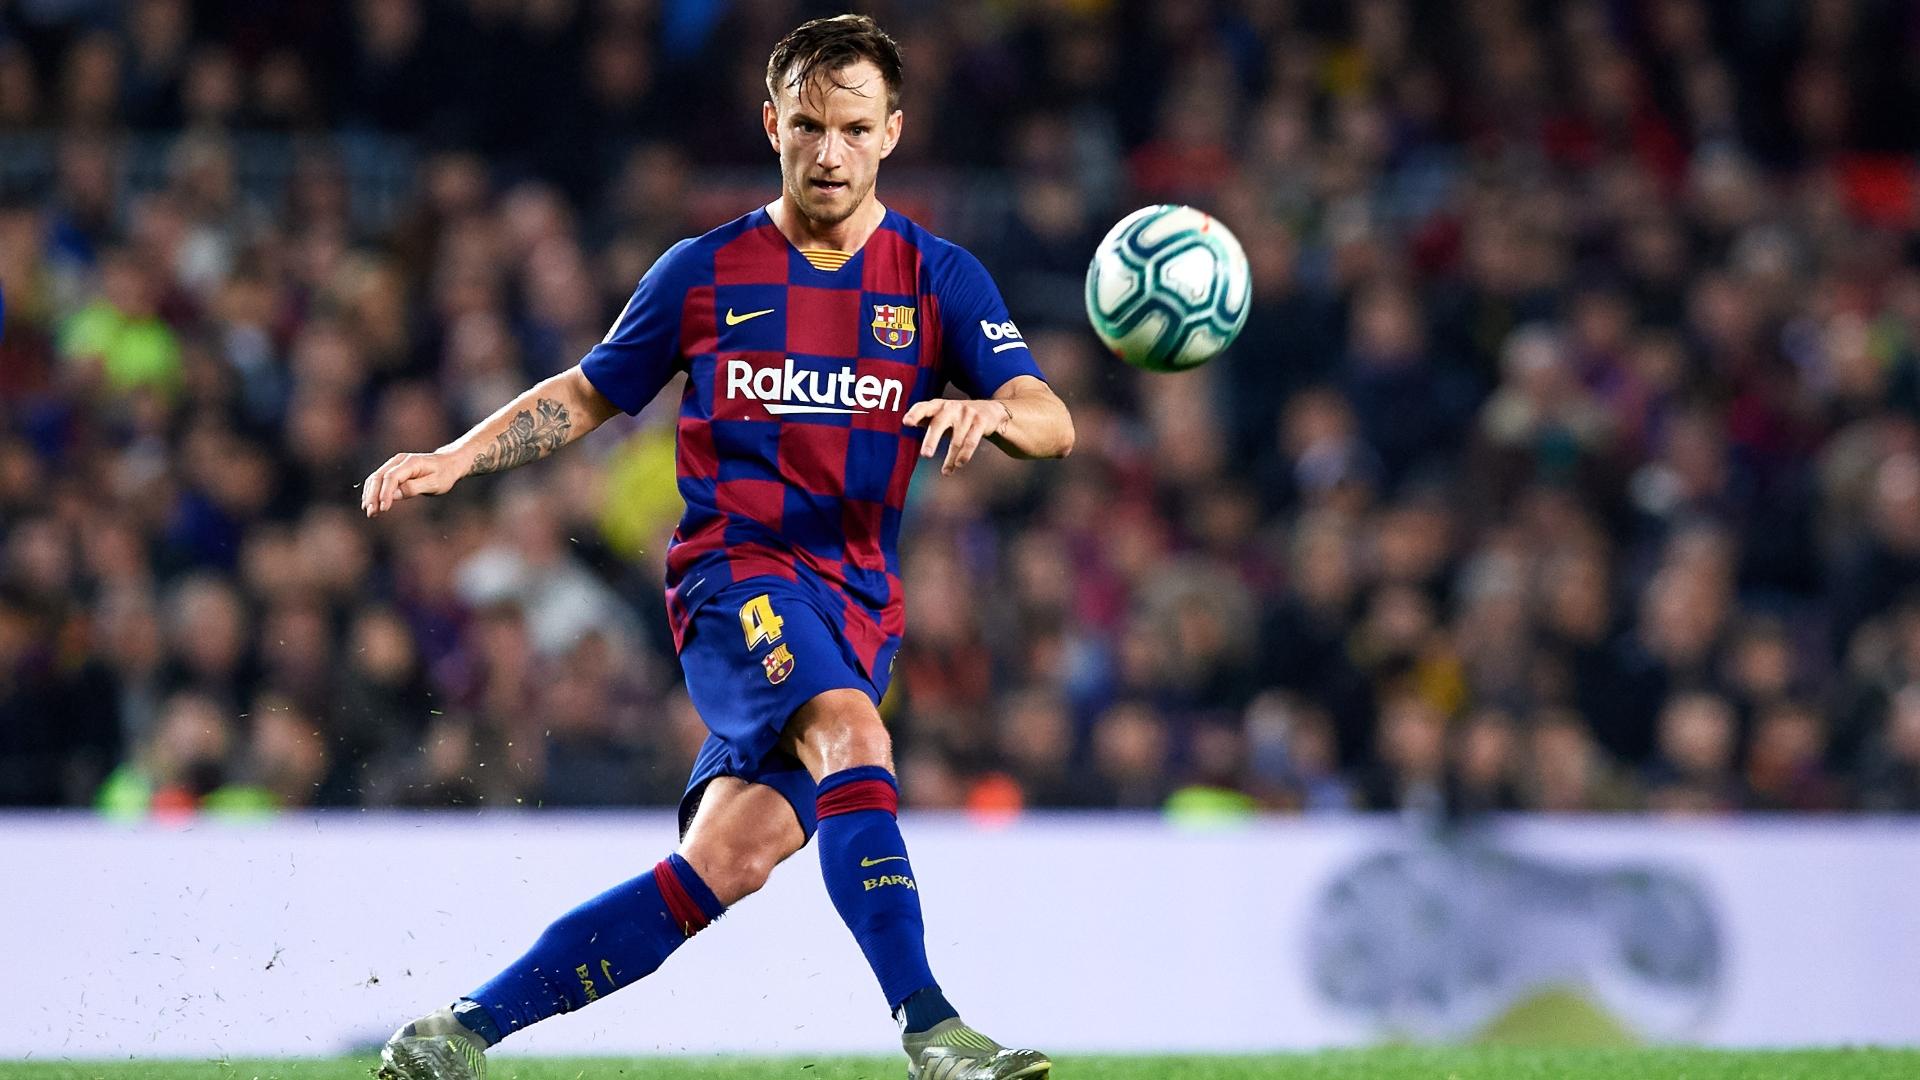 FC Barcelone : Rakitic dévoile le joueur le plus talentueux avec qui il a joué 1